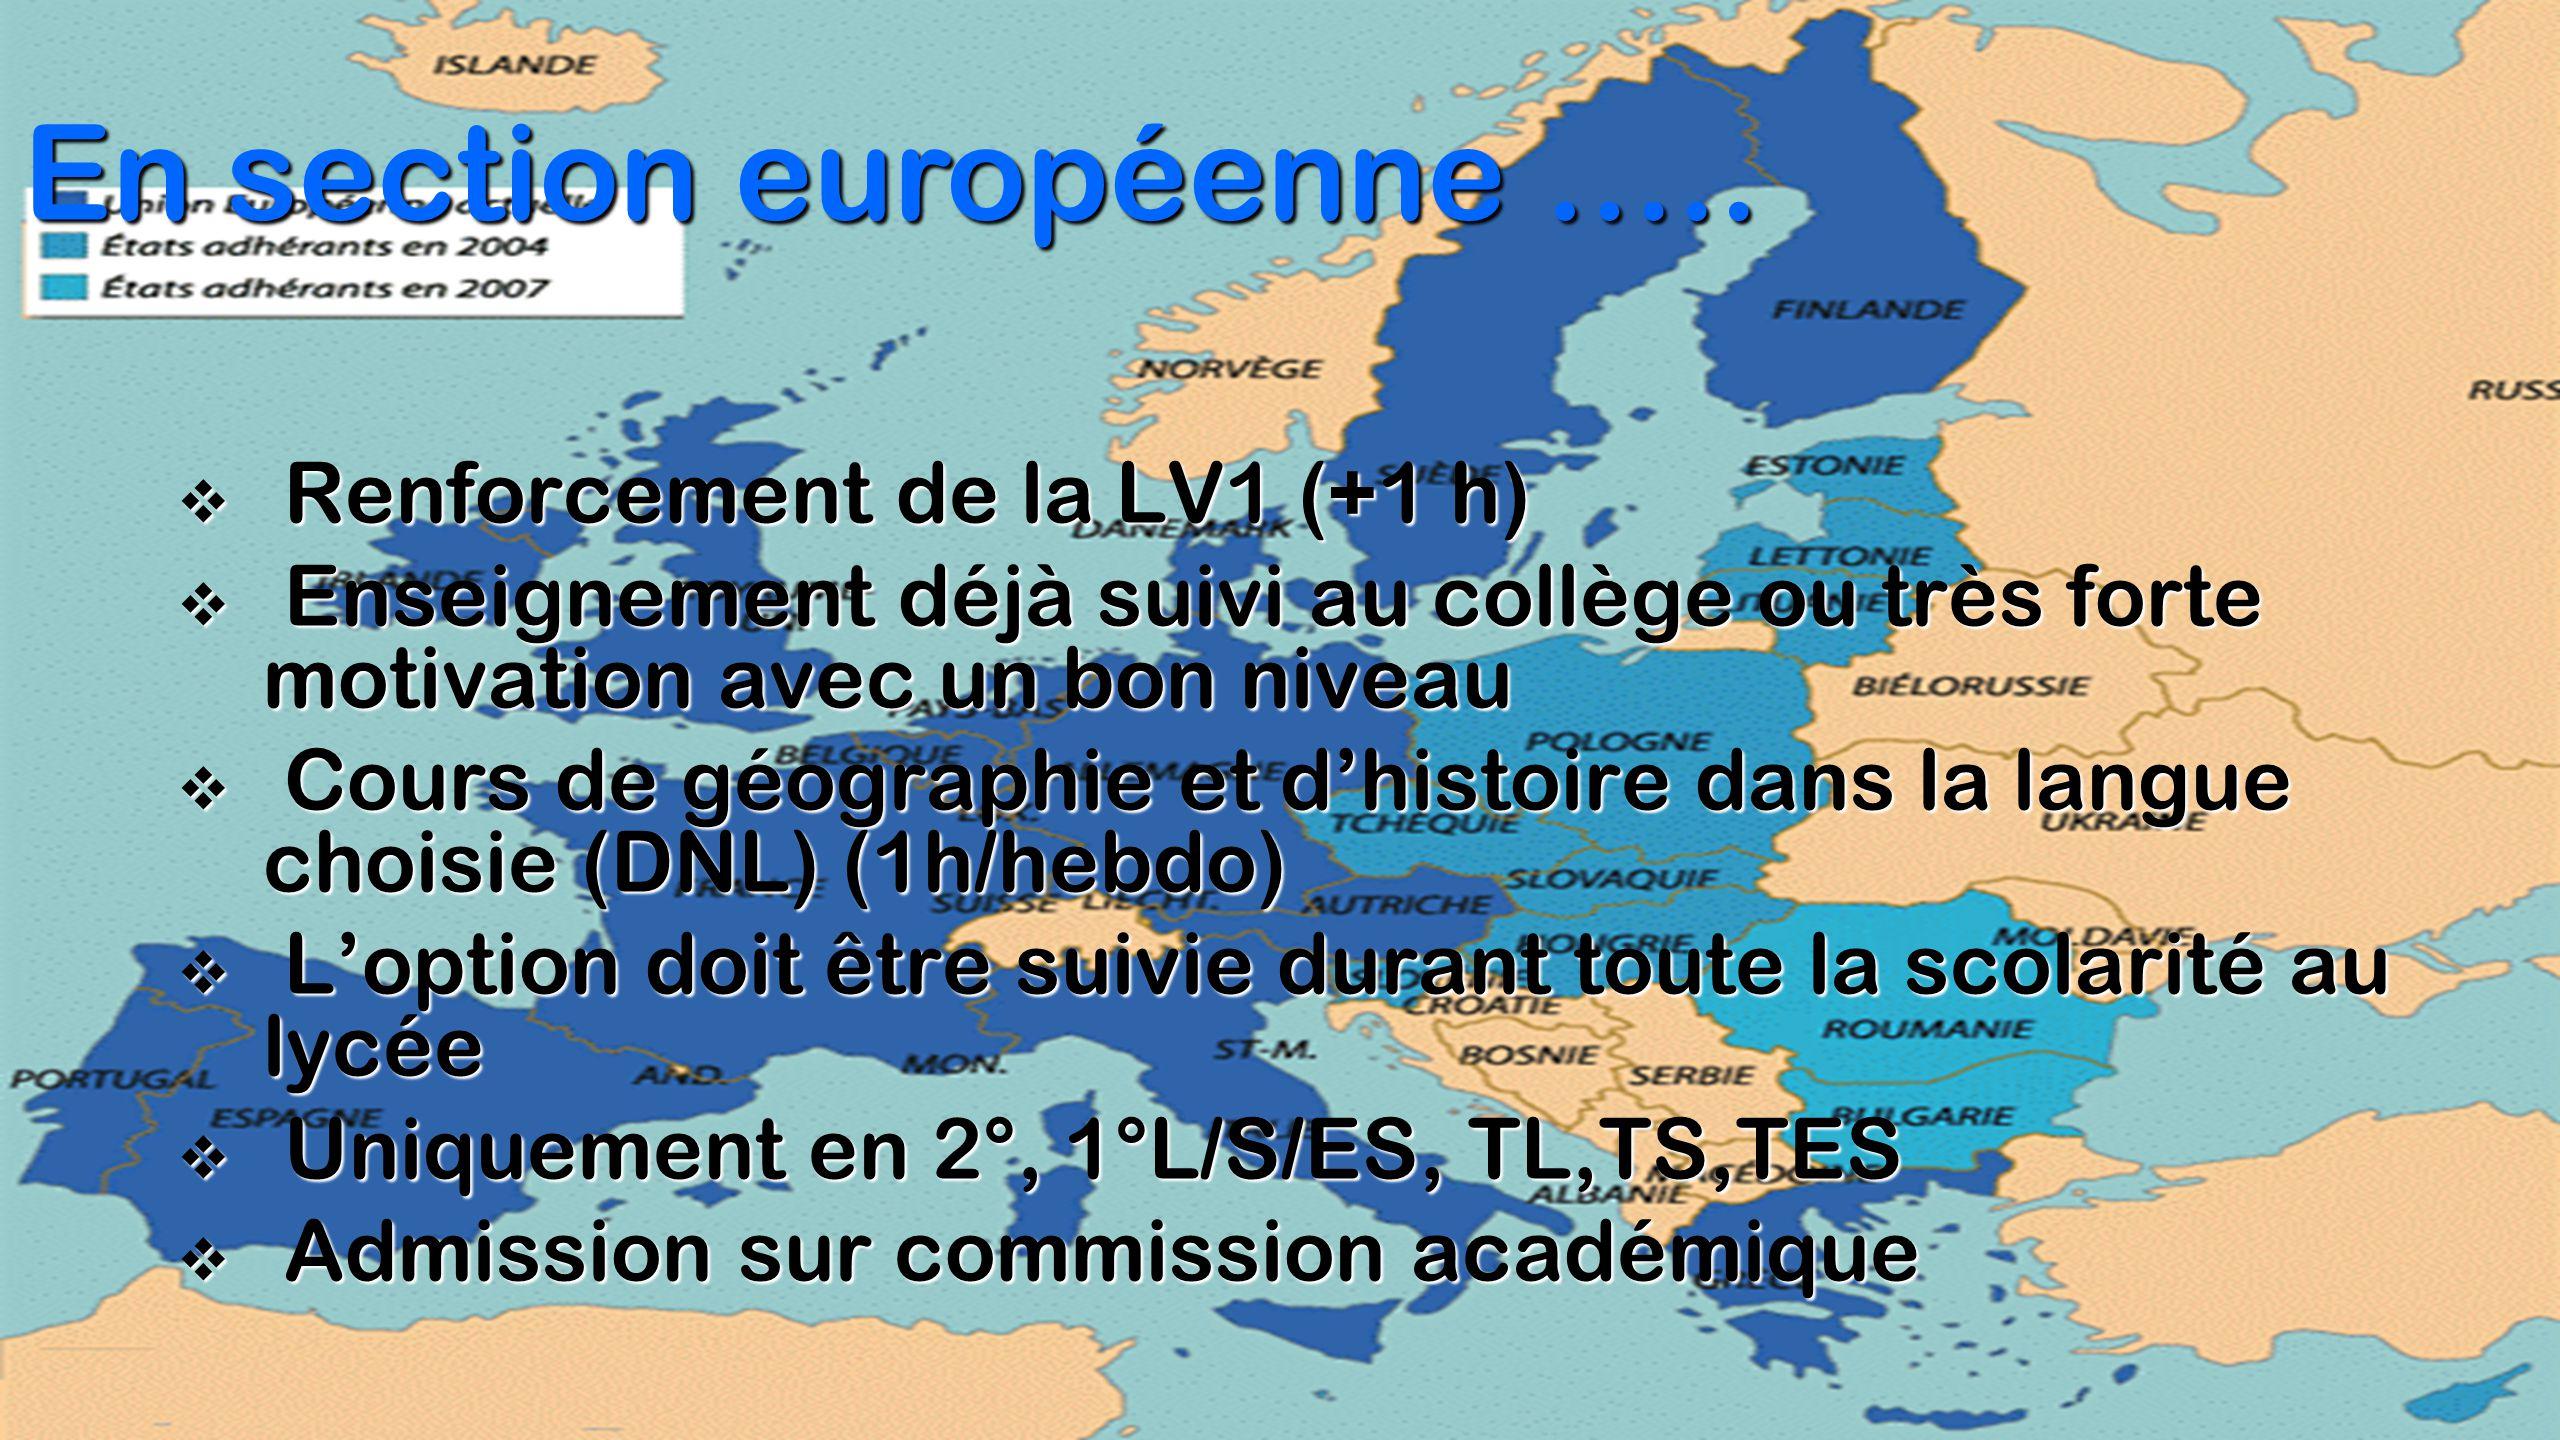  Renforcement de la LV1 (+1 h)  Enseignement déjà suivi au collège ou très forte motivation avec un bon niveau  Cours de géographie et d'histoire d